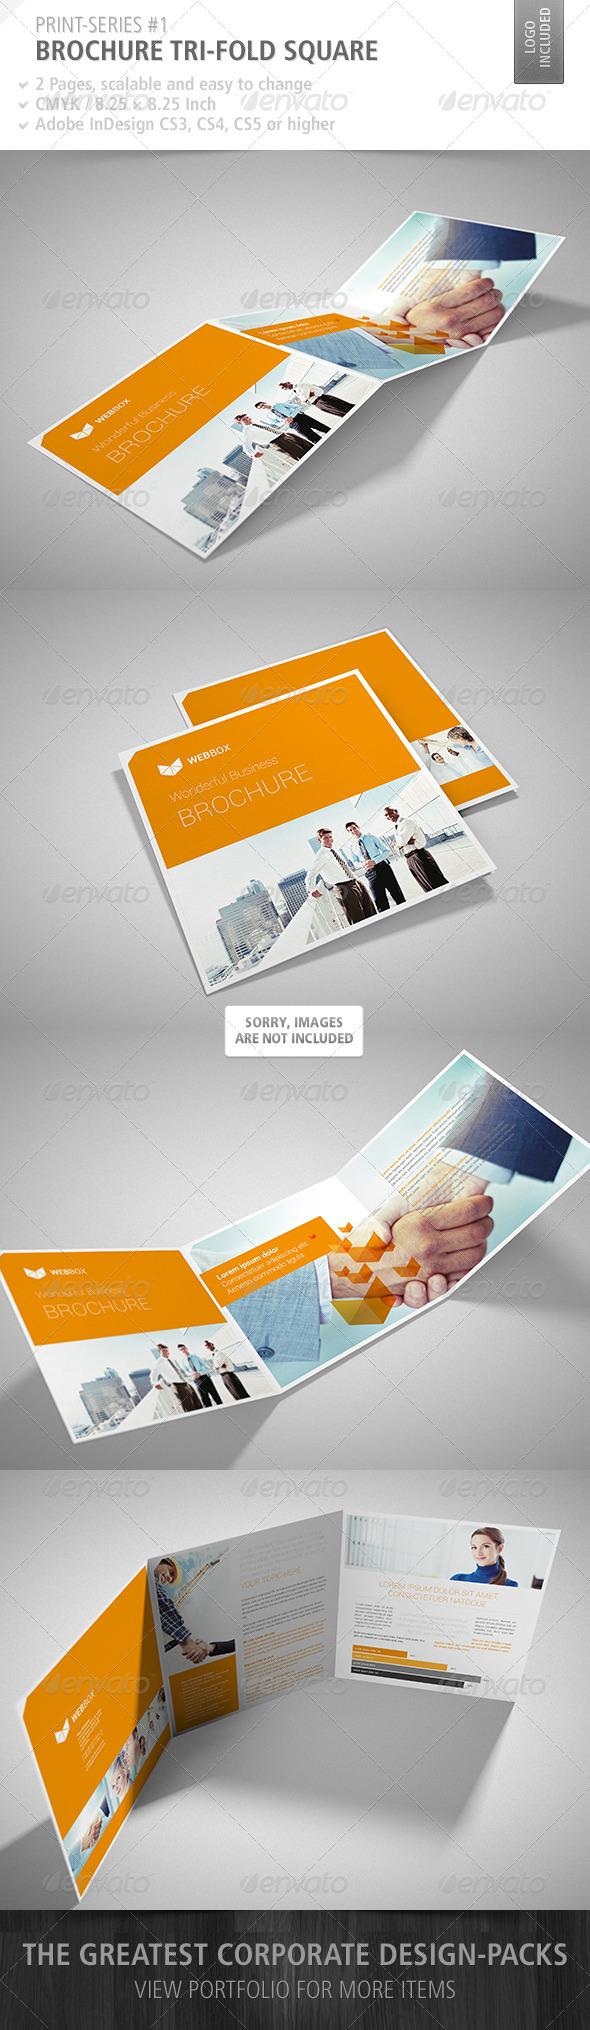 GraphicRiver Brochure Tri-Fold Square Print-Series #1 4687474